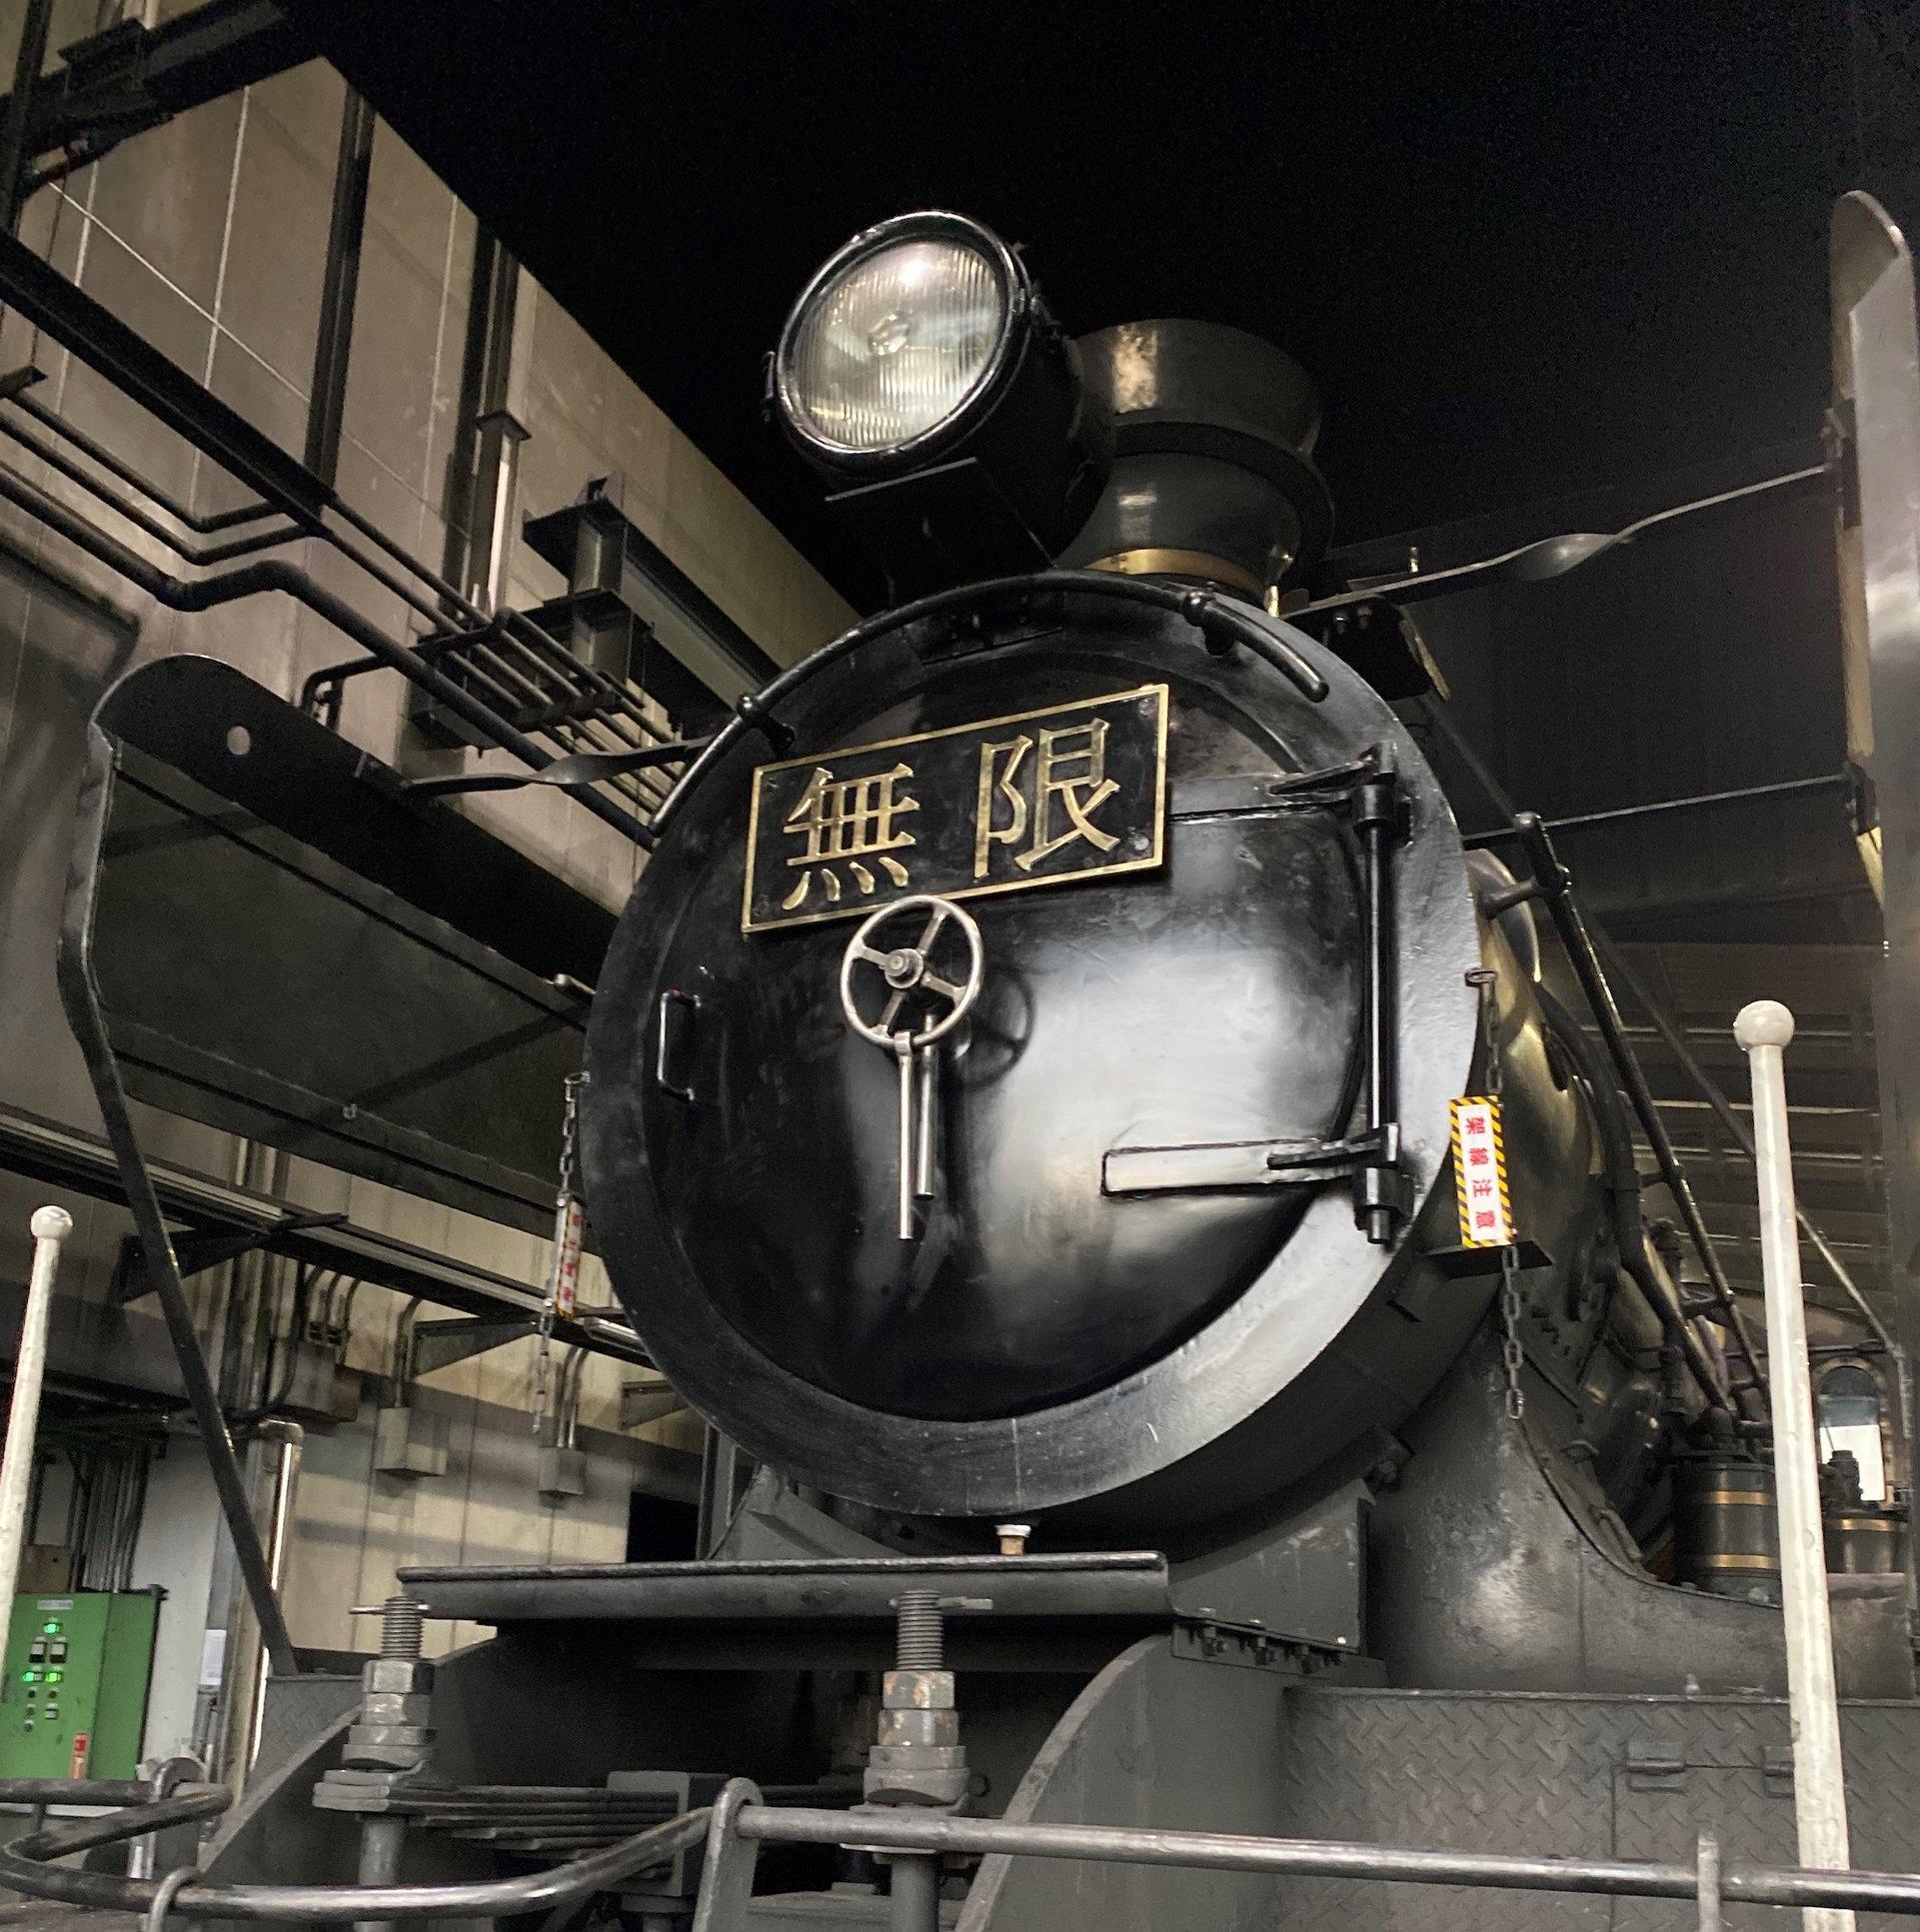 リアル『無限列車』で心を燃やせ!JR九州「SL鬼滅の刃」運行開始